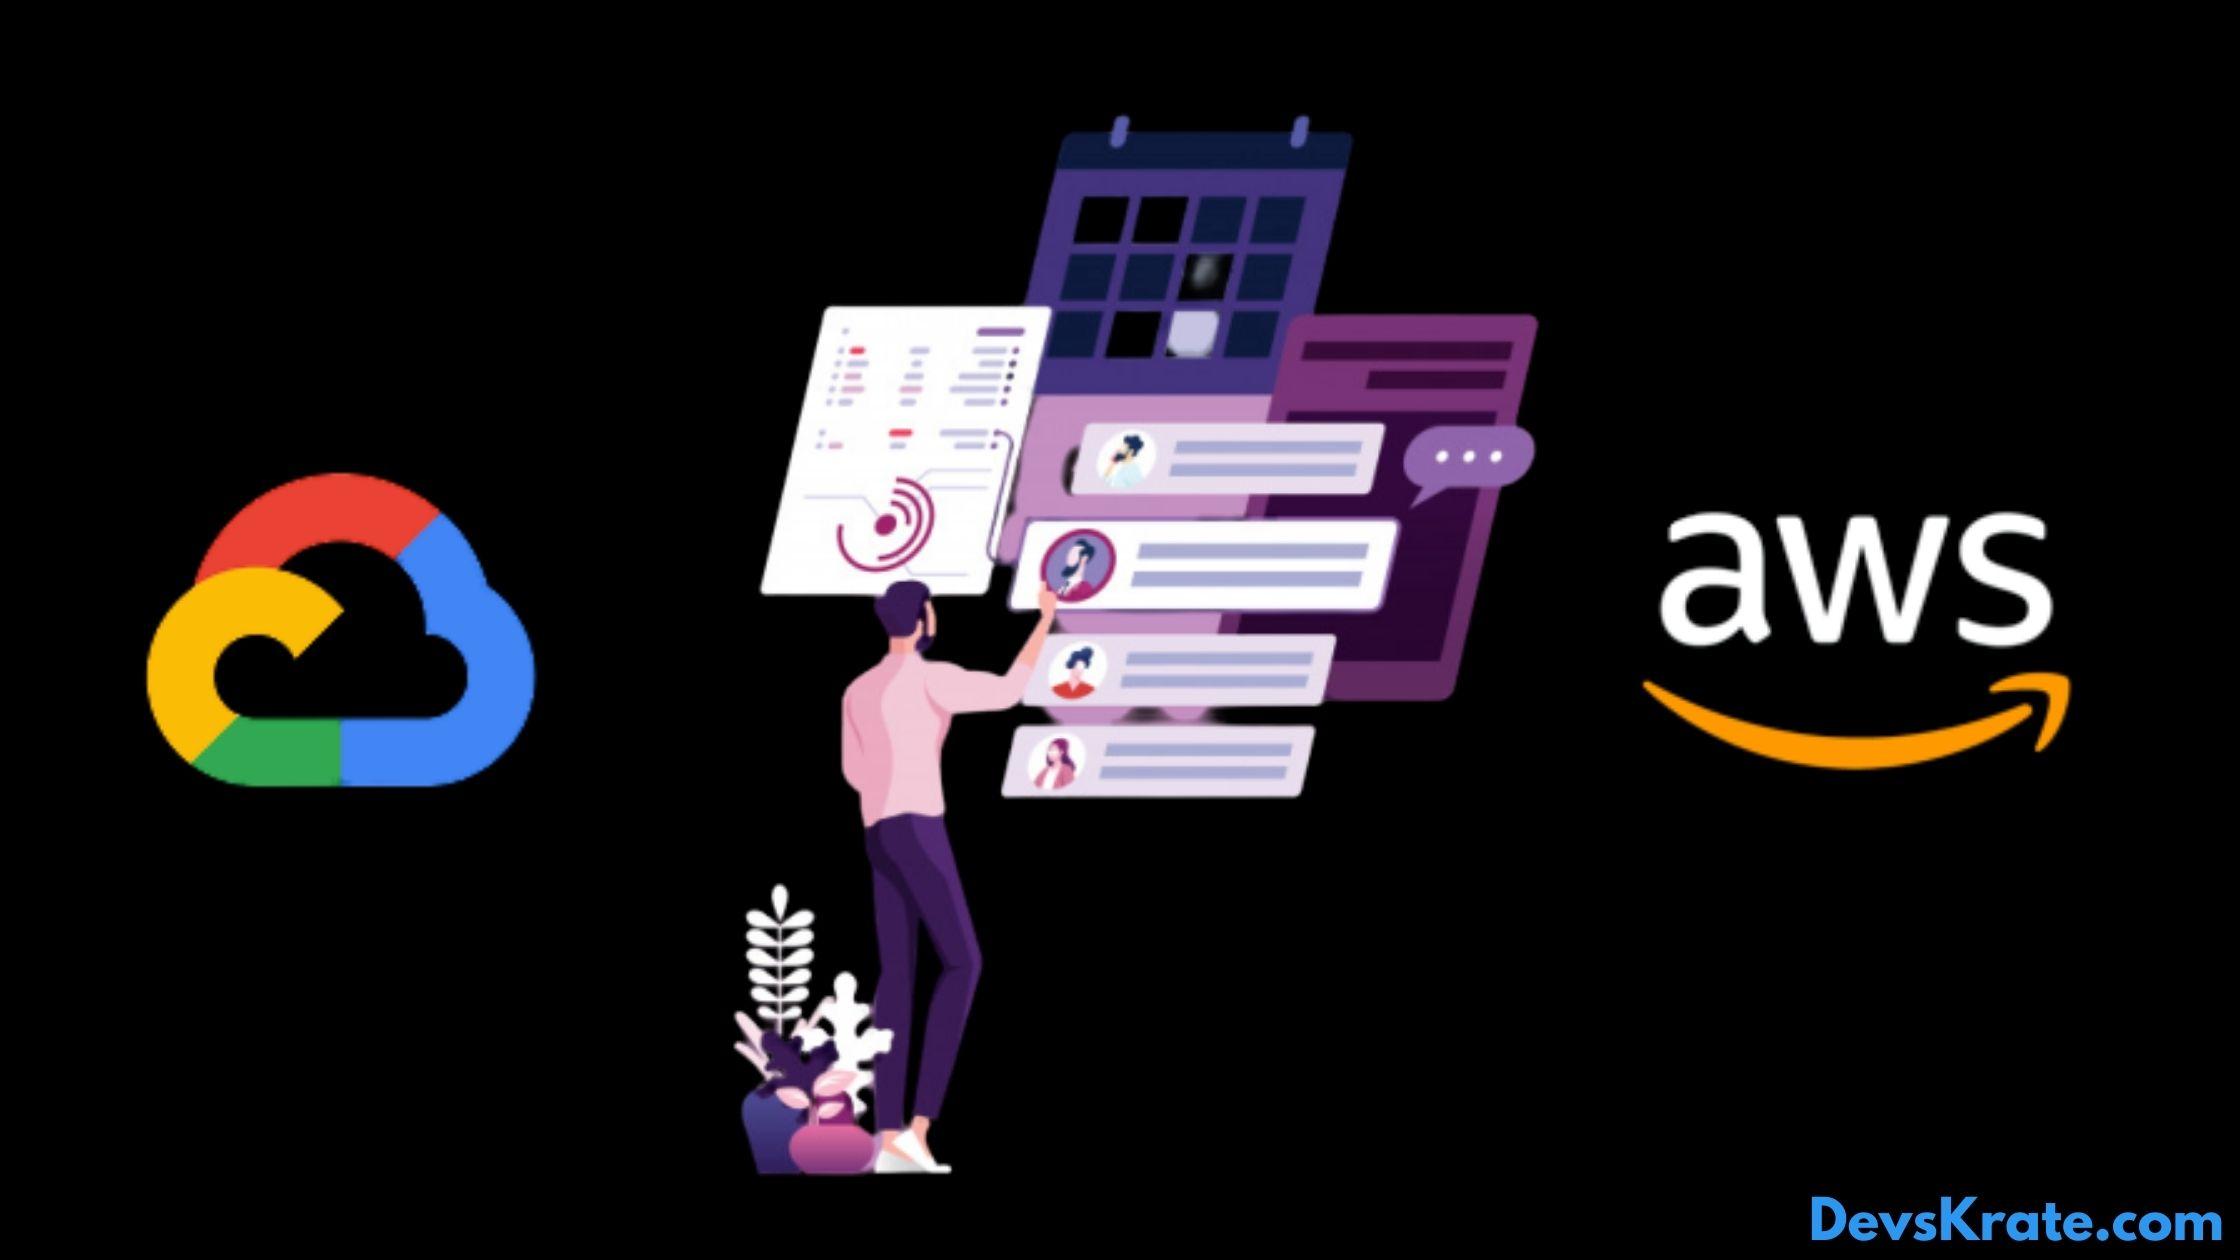 Google Cloud Platform vs Amazon Web Services